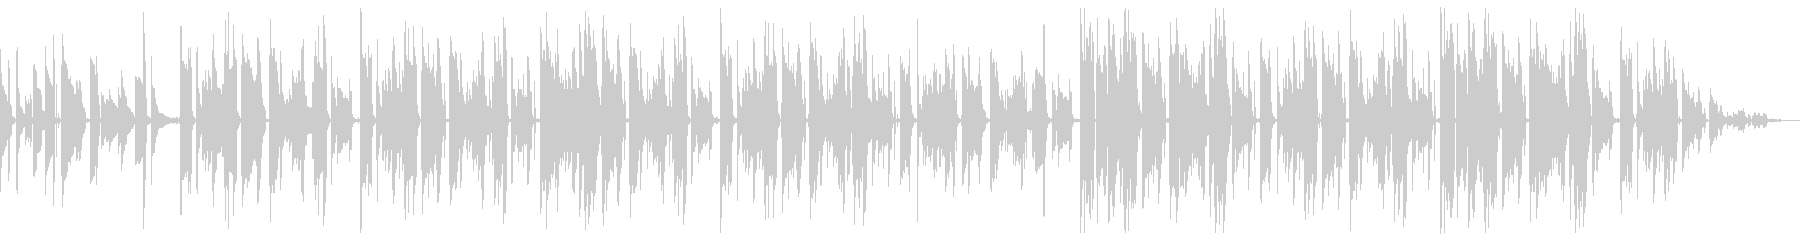 チルホップ ネオソウルギターとサックスの未再生の波形